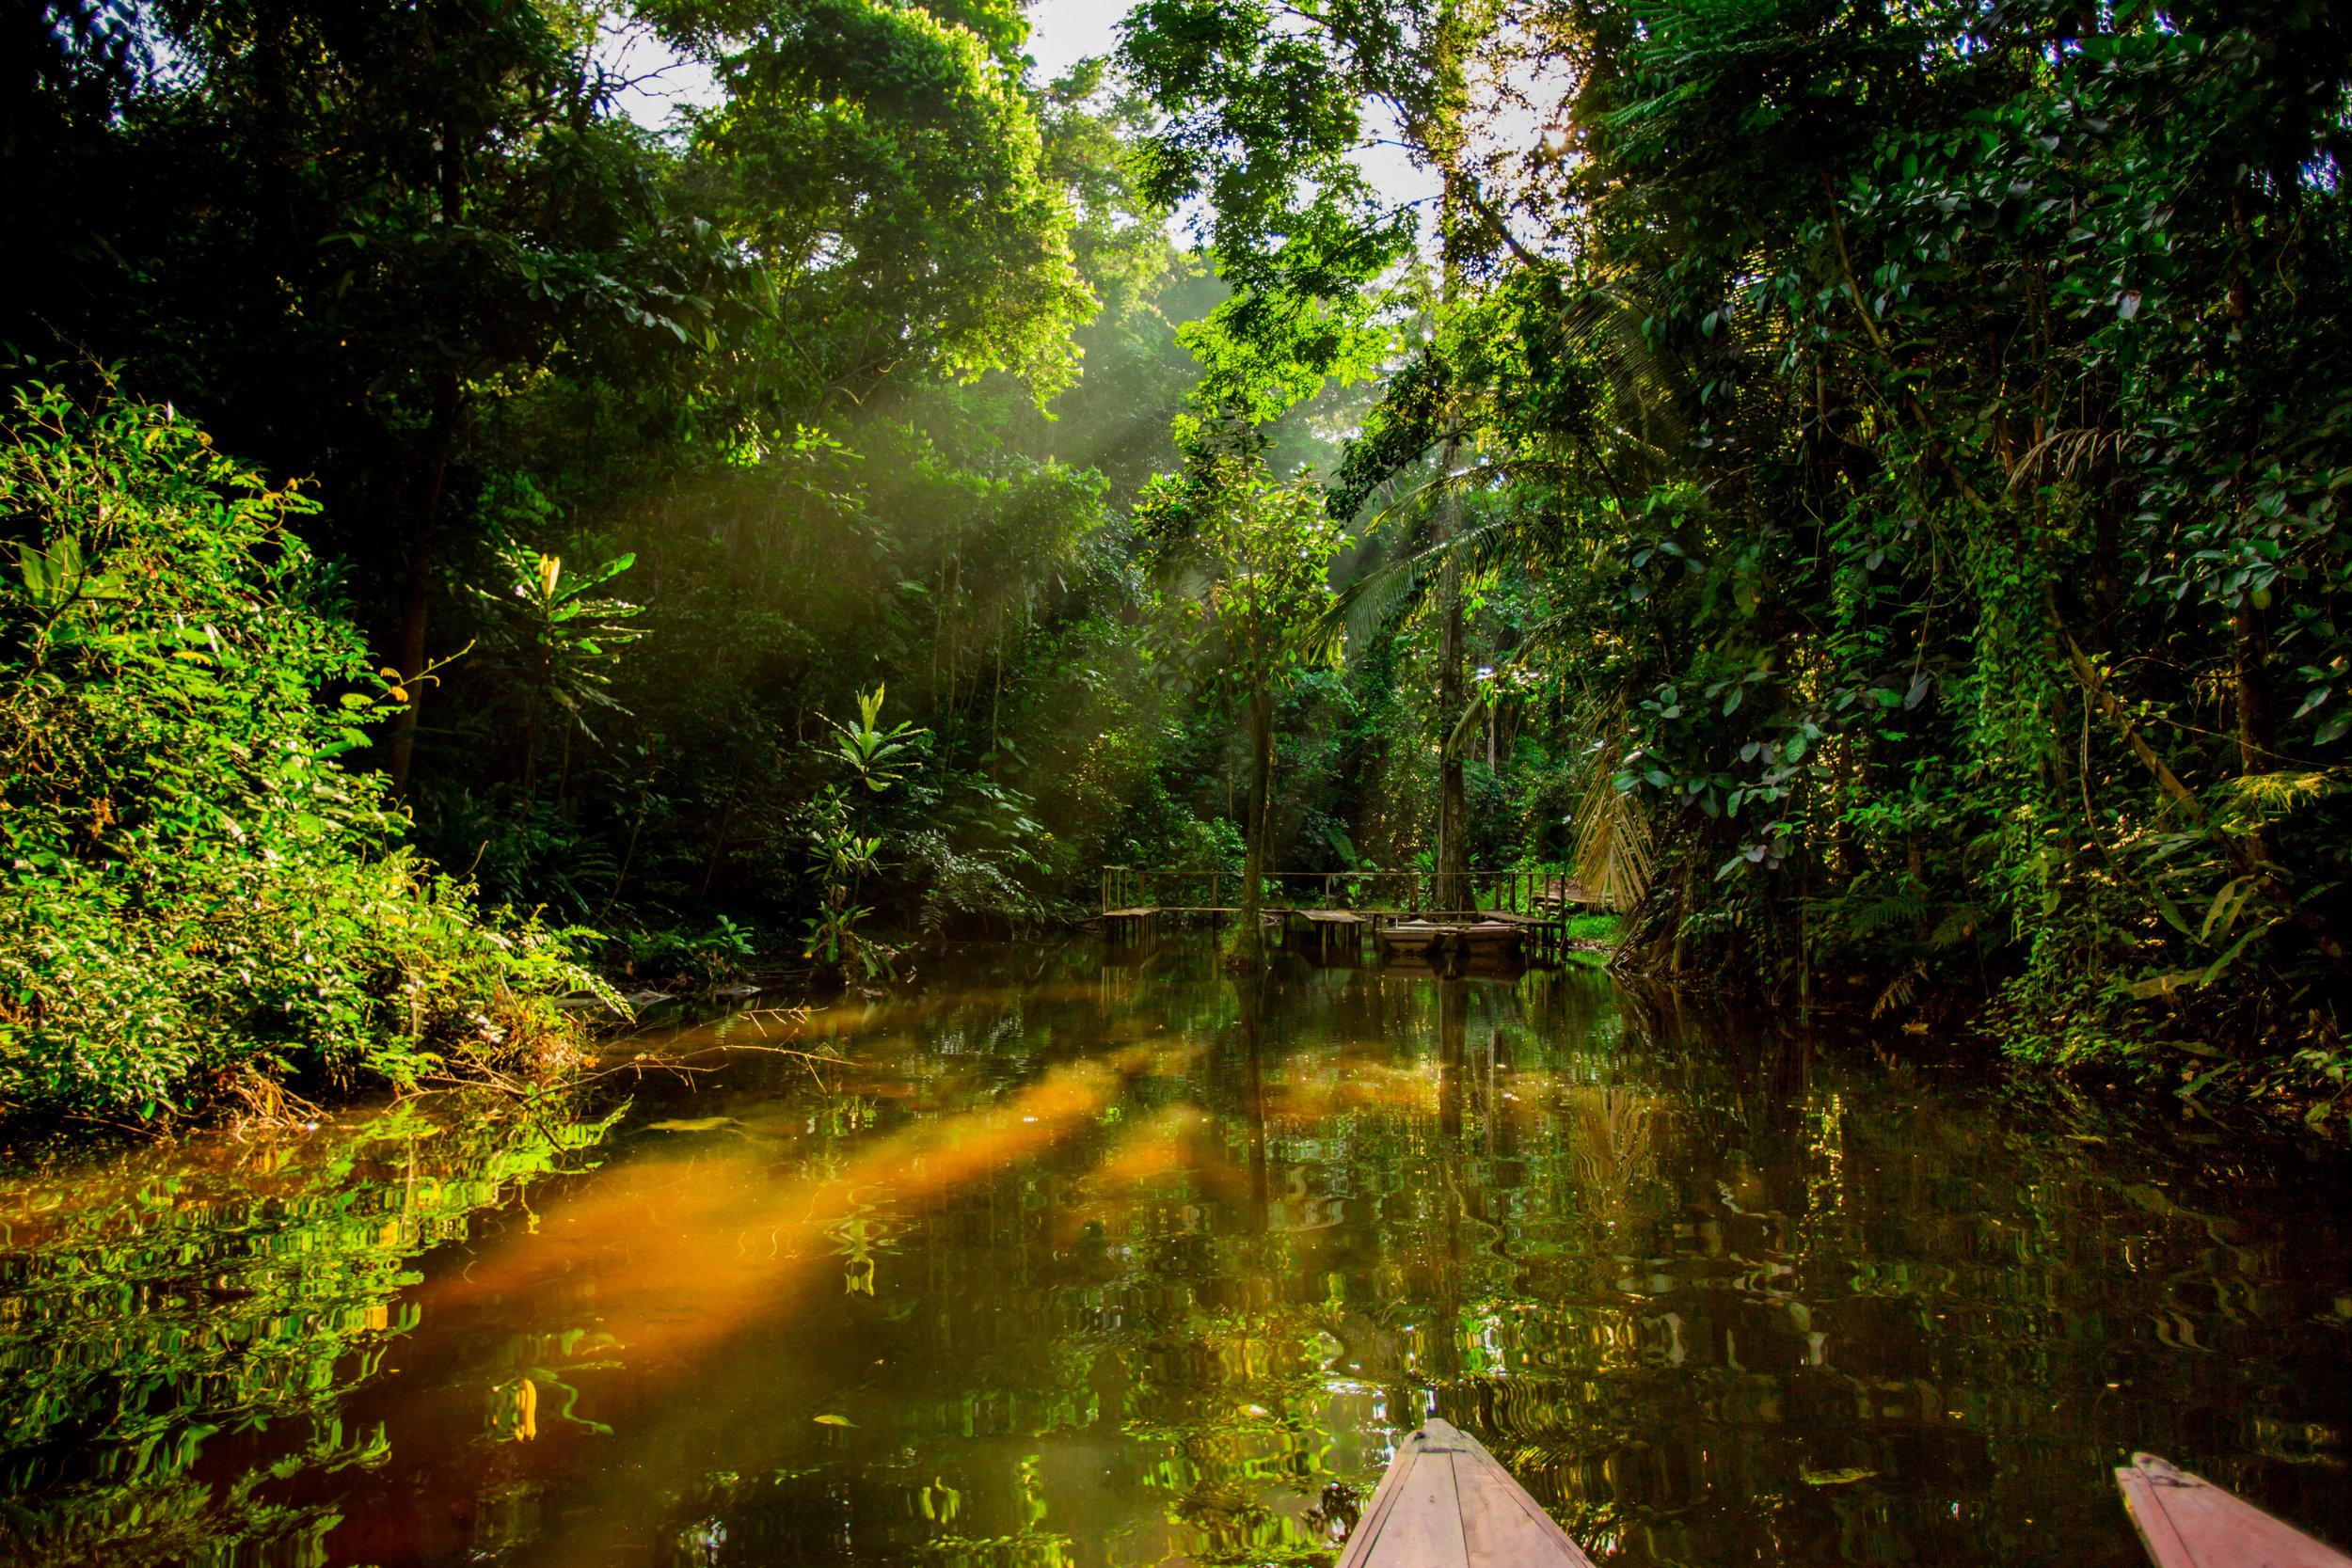 North Peru Amazon Jungle